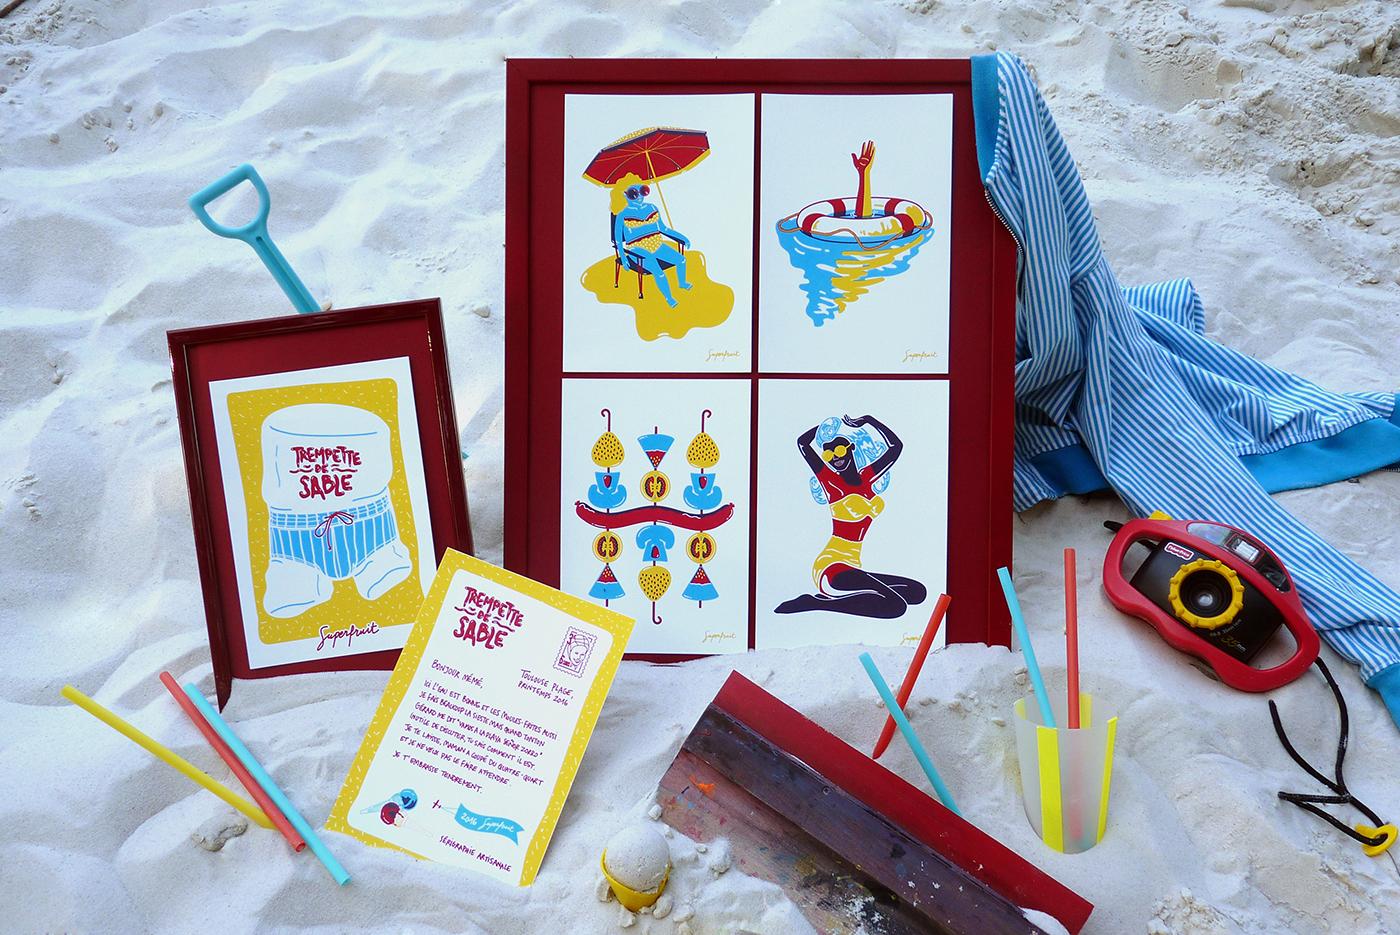 Ensemble du lot de cartes sérigraphiées dans le sable sur la plage, avec un pelle, des pailles, un cadre et une racle de sérigraphie.